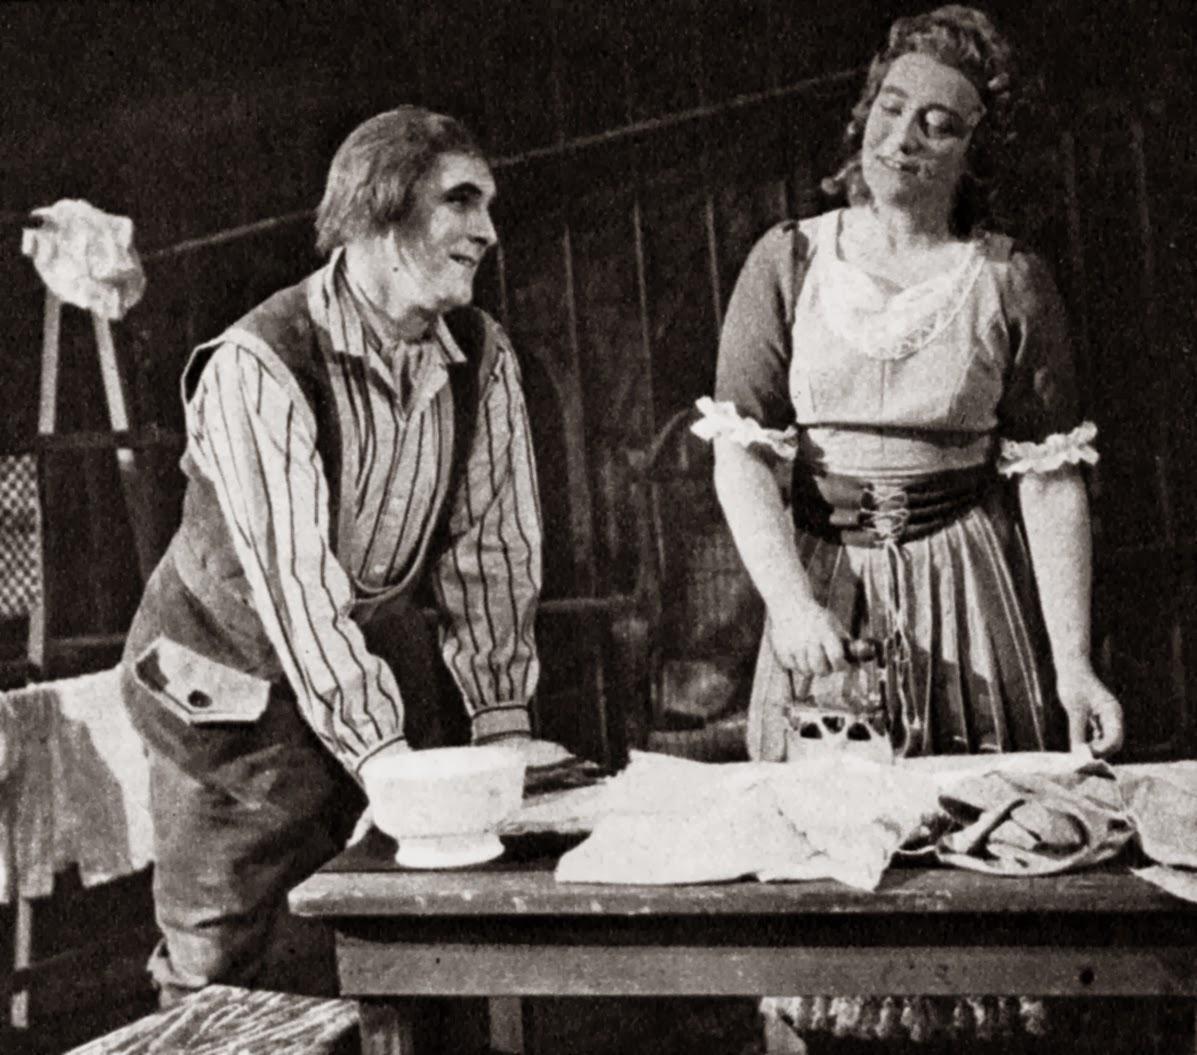 Greet Koeman als Marzelline in Fidelio (1949) met Chris Scheffer als Jaquino